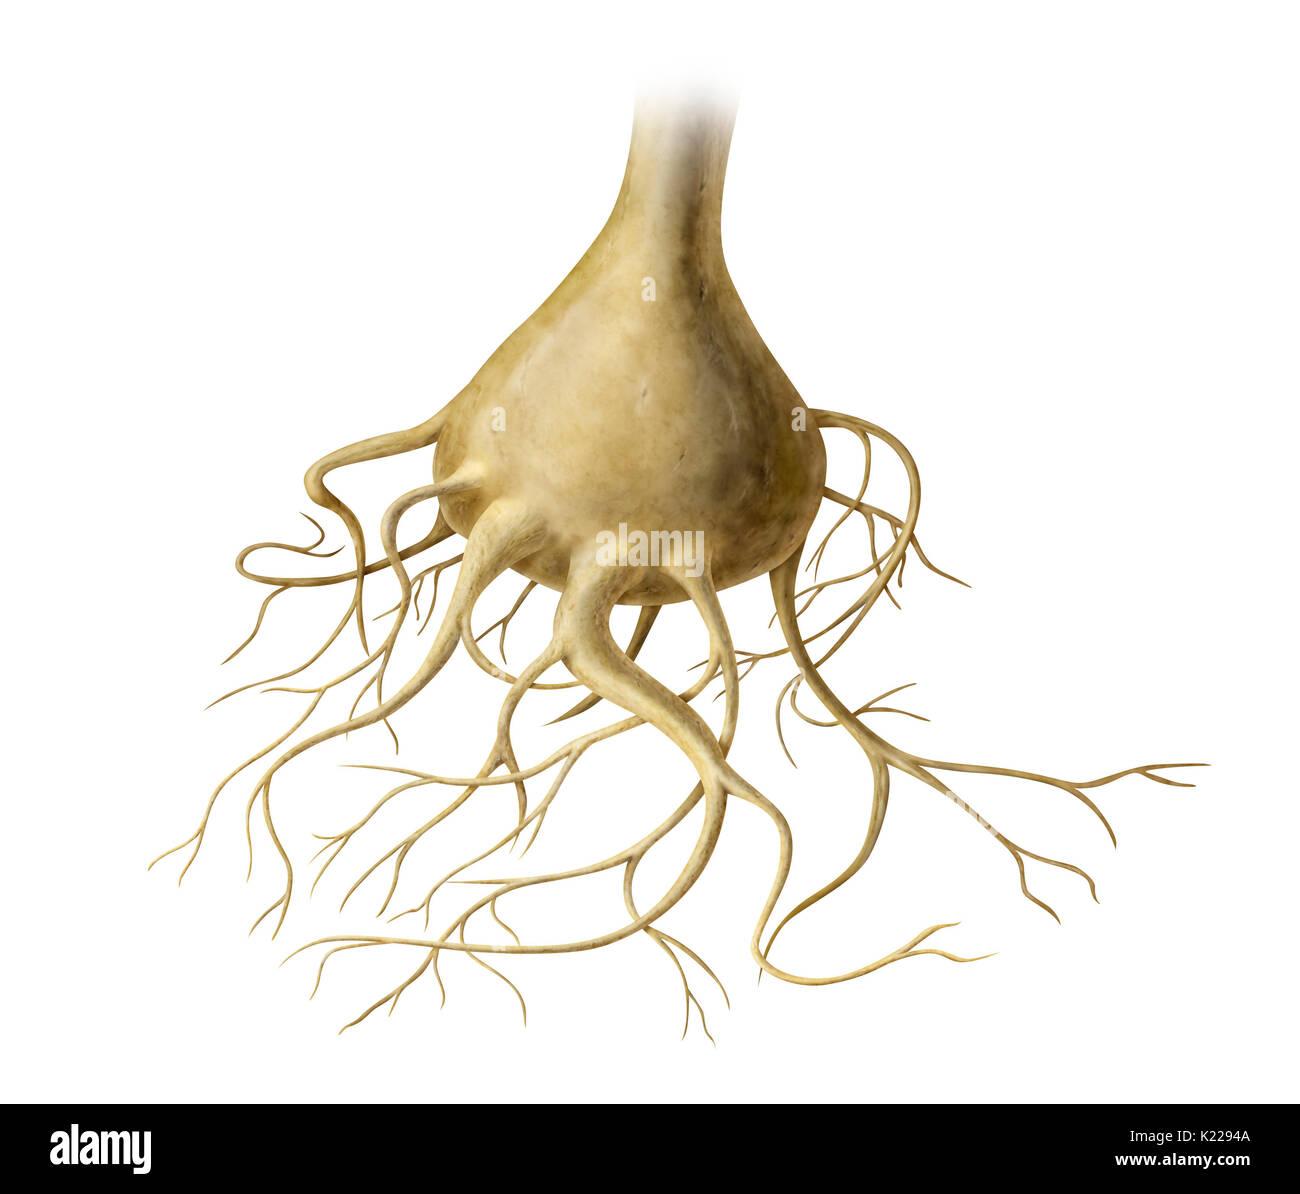 Chacun des neurones sensoriels qui constituent les récepteurs olfactifs; leurs axones se réunissent pour former les nerfs olfactifs. Photo Stock